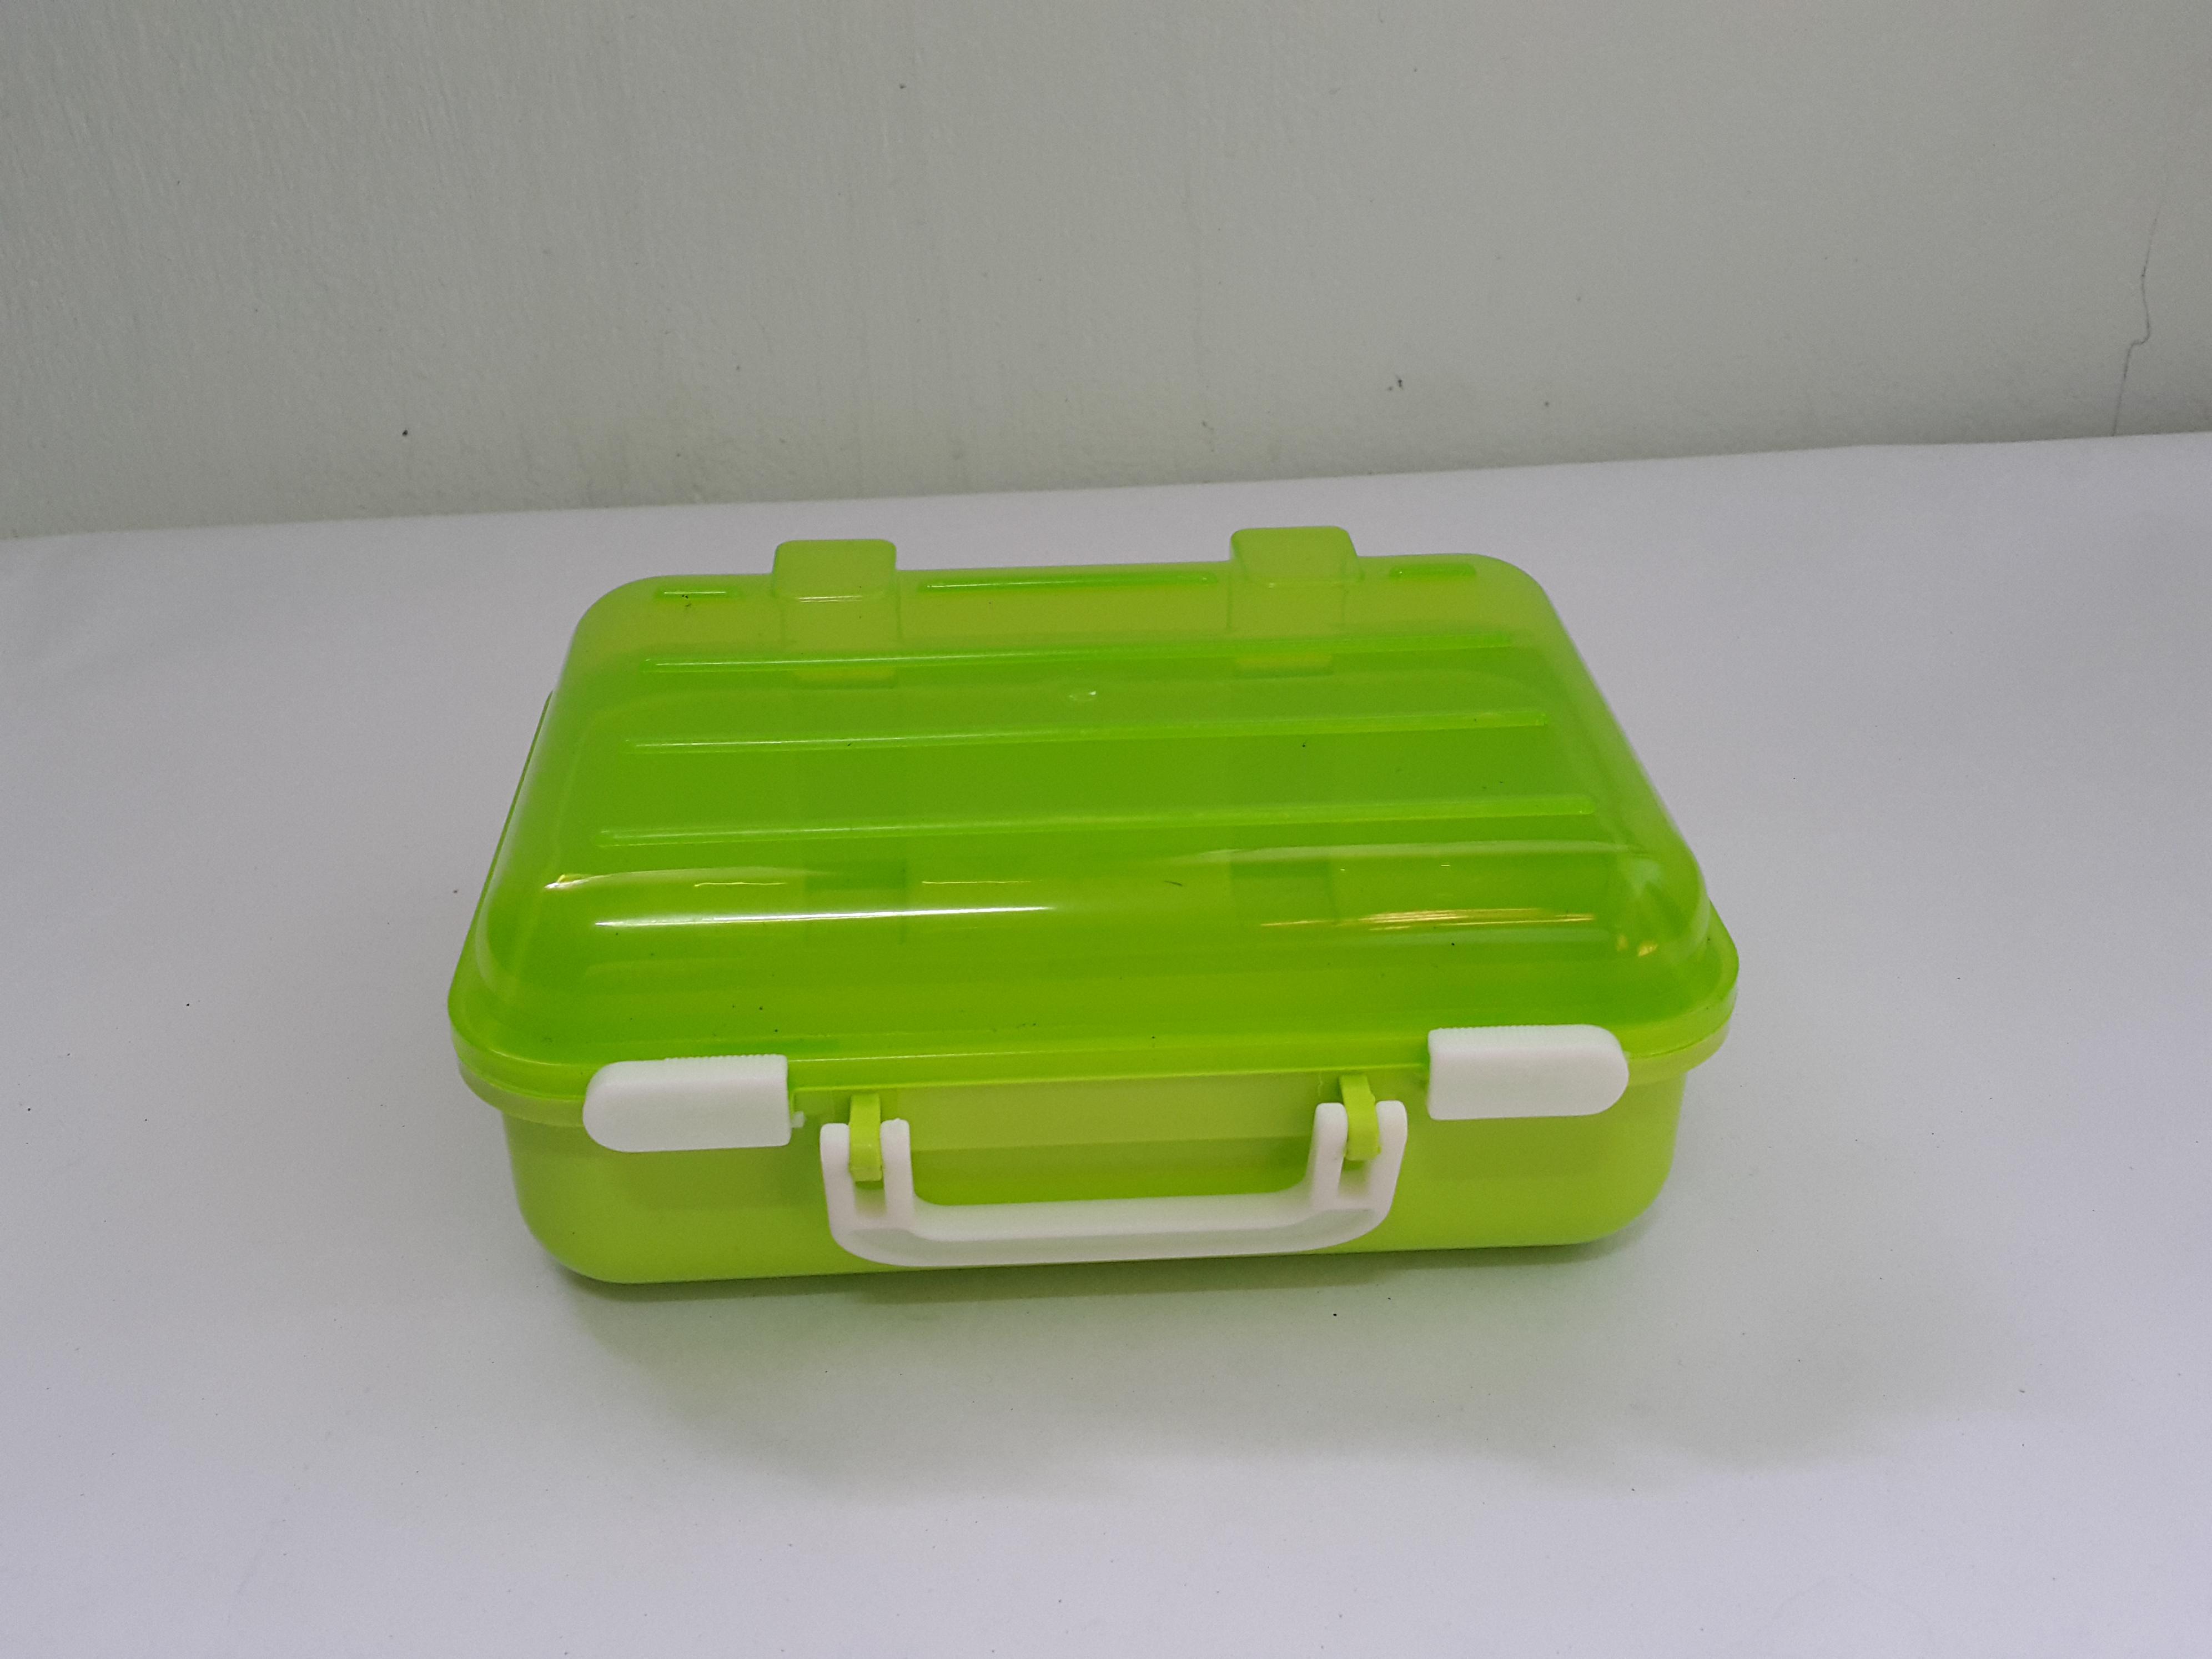 กล่องกระเป๋าเดินทาง มีหูหิ้ว สีเขียว (B003)